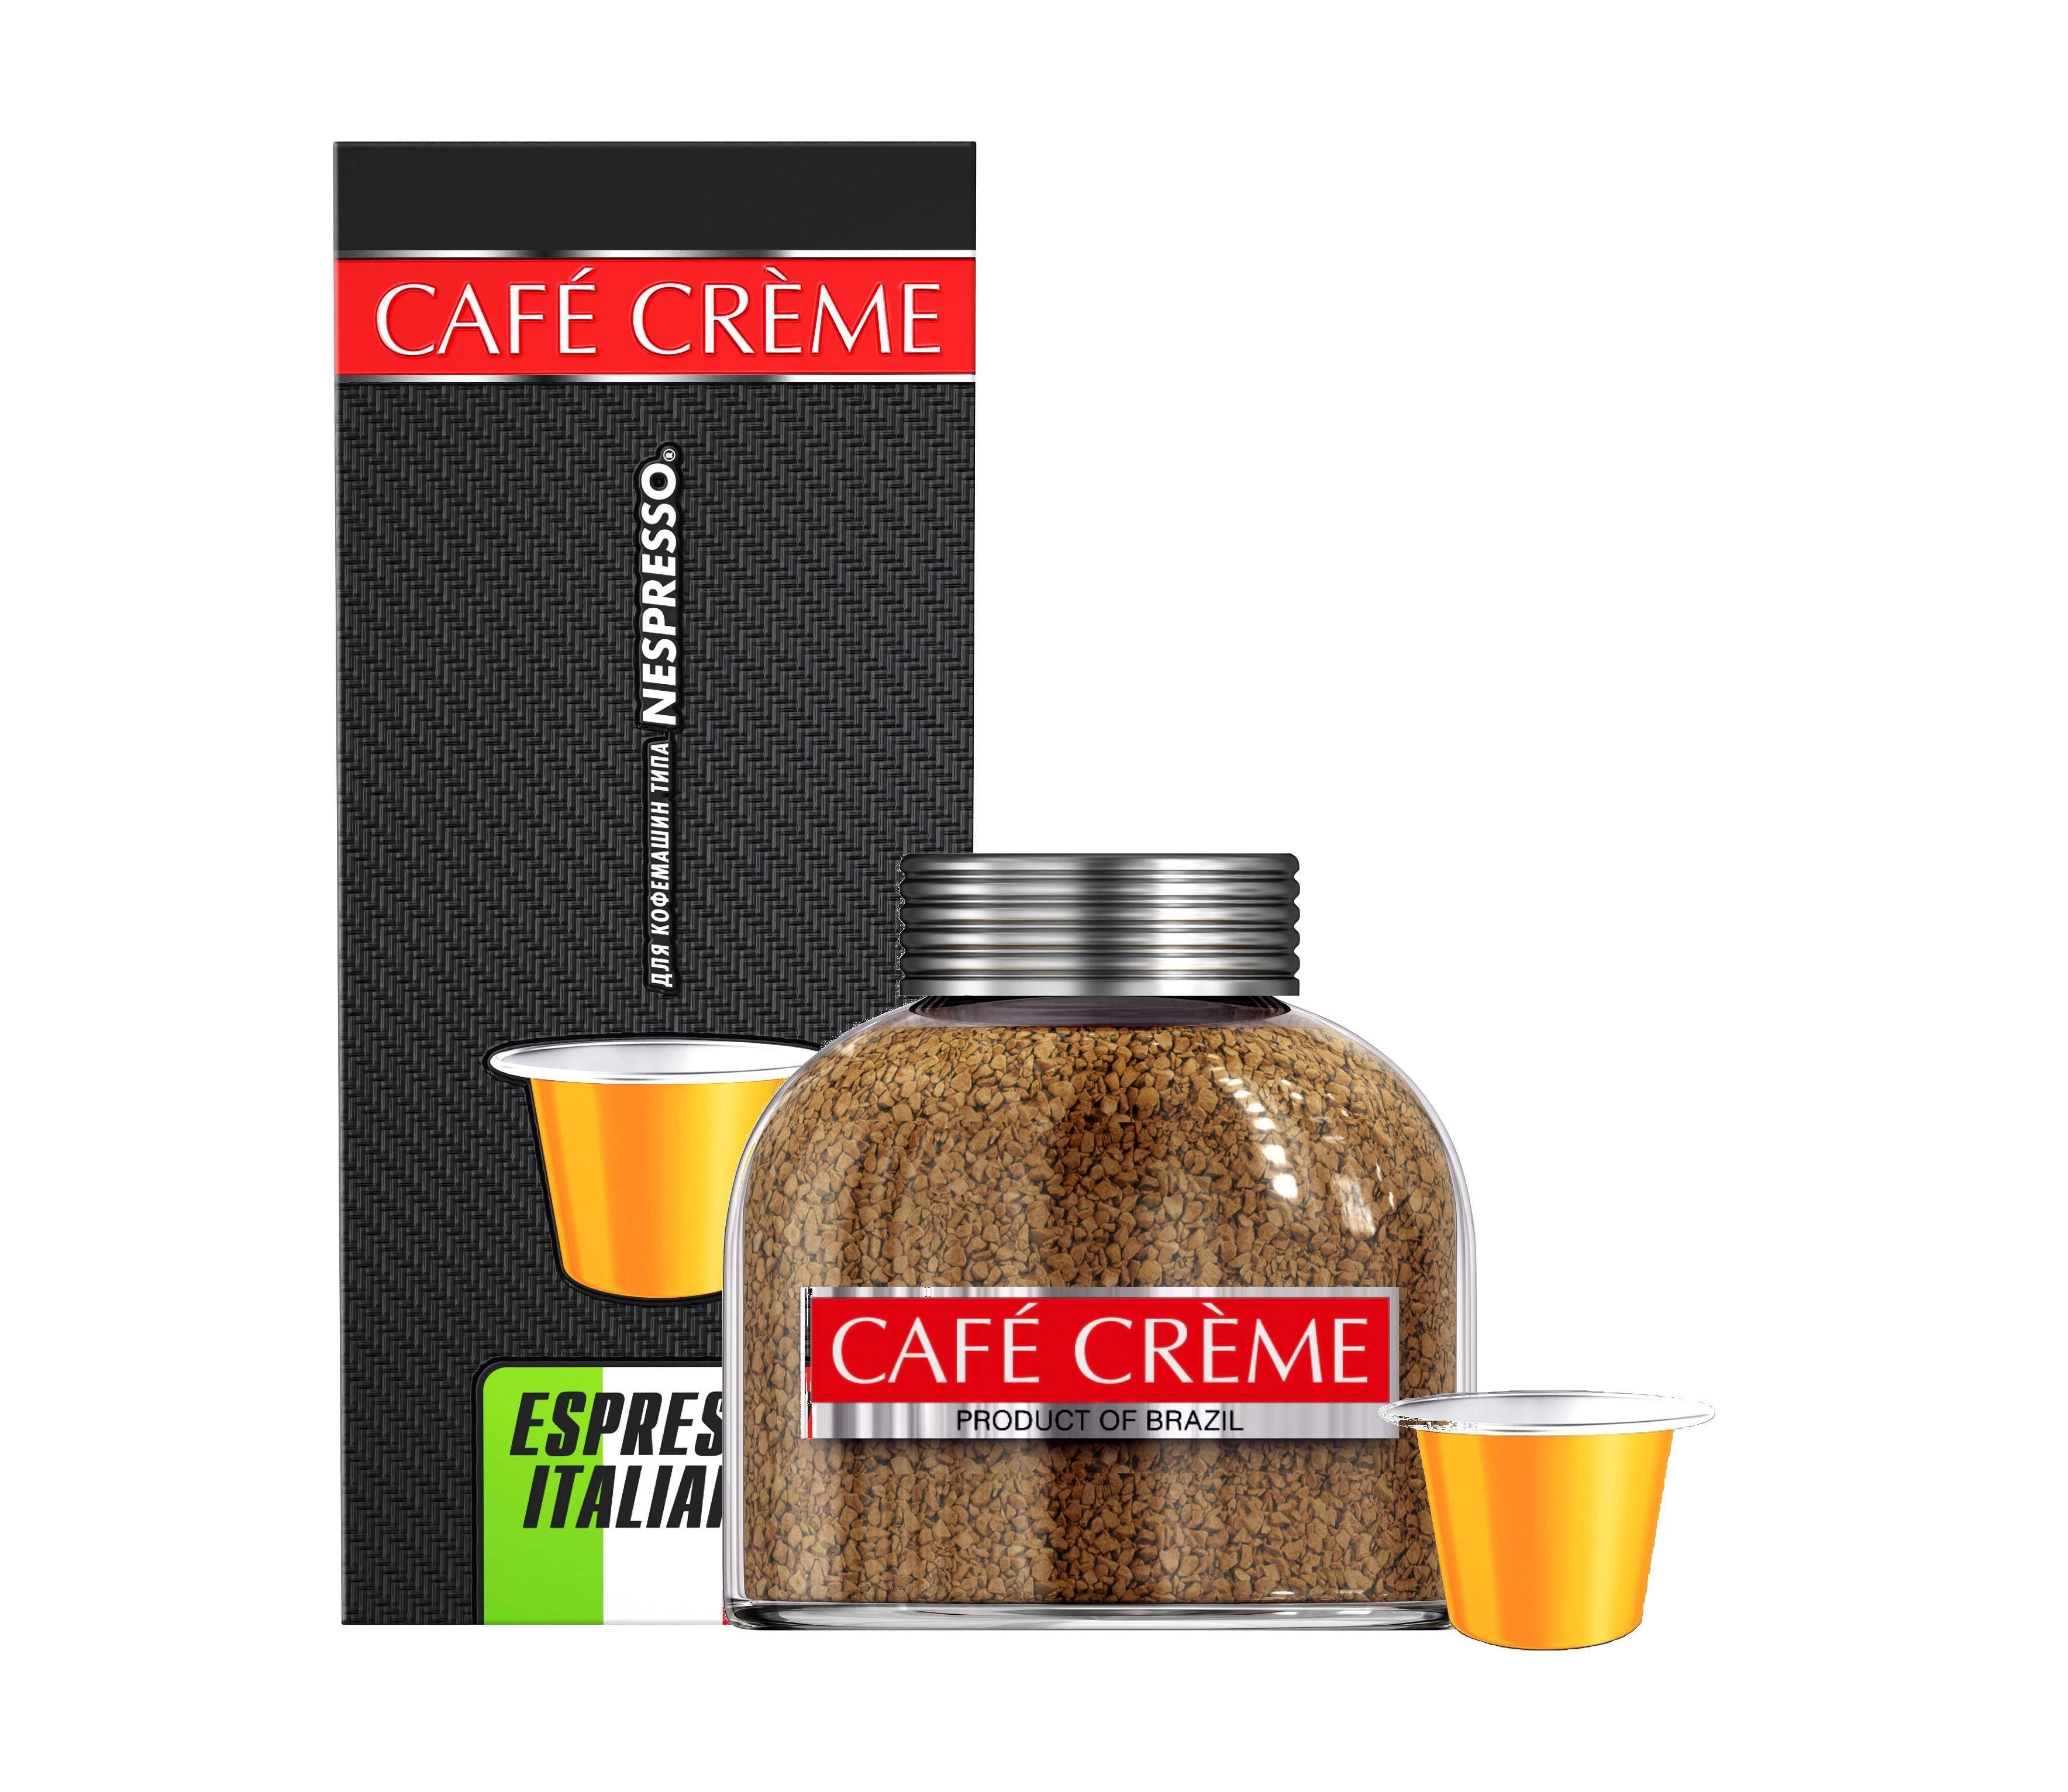 Cafe creme, виды и описание кофе кафе крема, отзывы